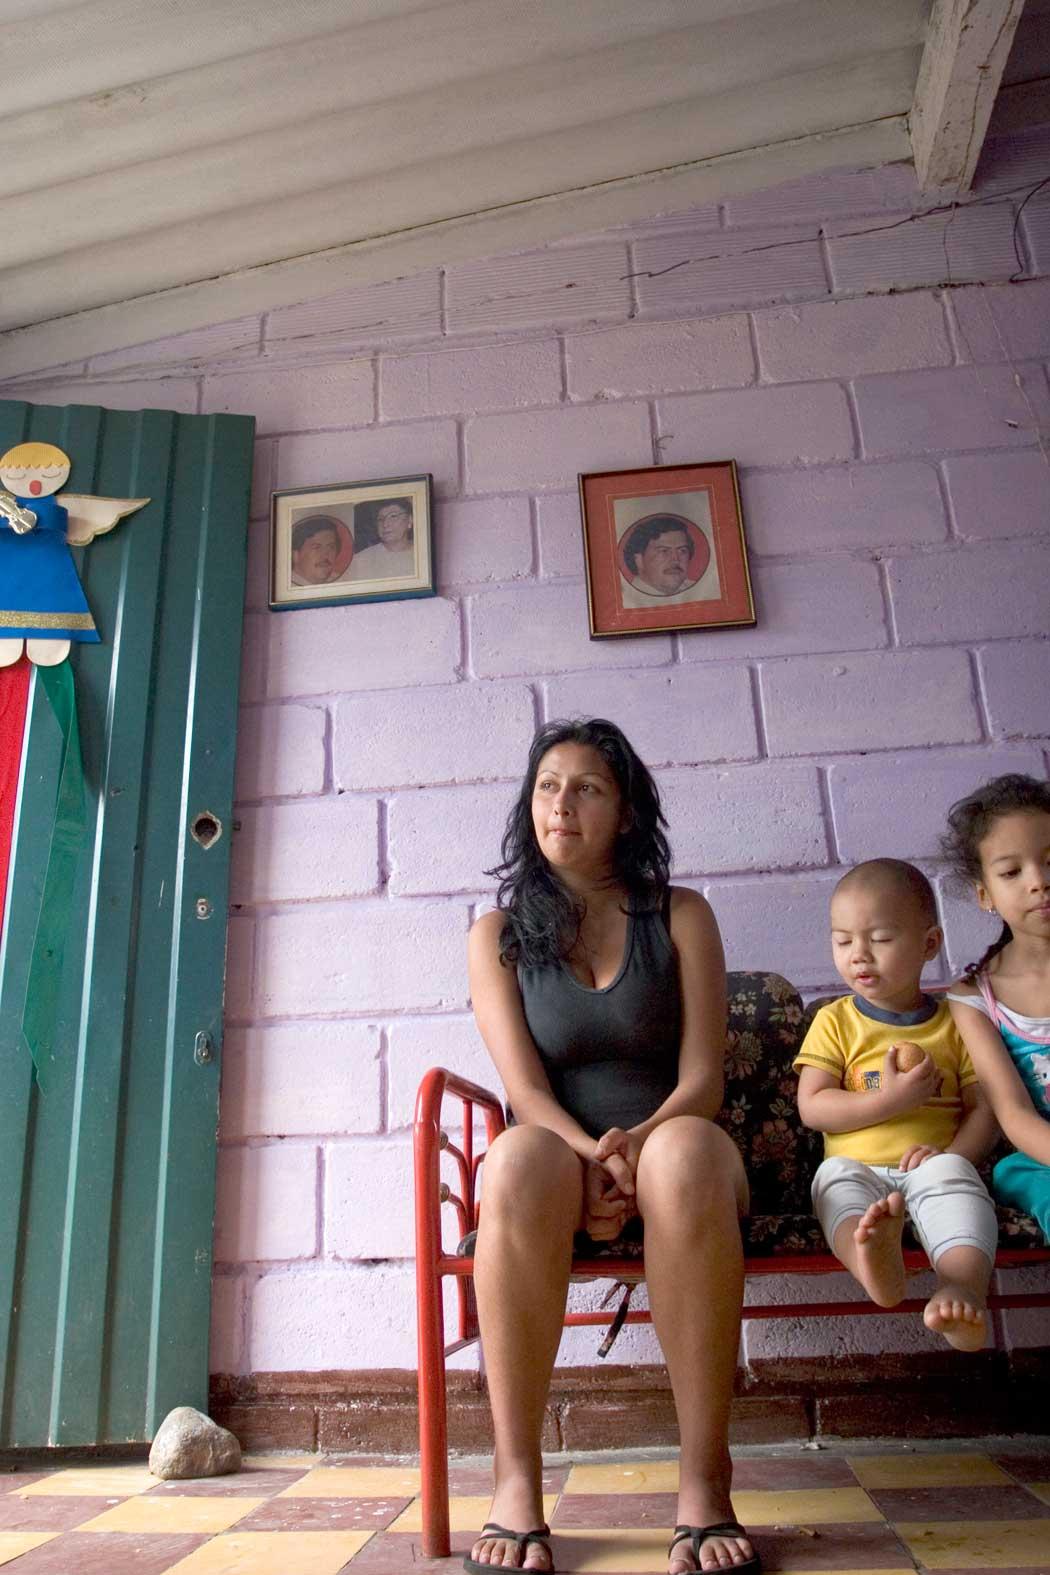 COLOMBIA: Mange av Medellíns innbyggere er fortsatt glade i Pablo Escobar for alt han gjorde for de byens fattige. Blant dem er Sara (21) og hennes foreldre som bor i huset de fikk av ham. Foto: Jota Palacios